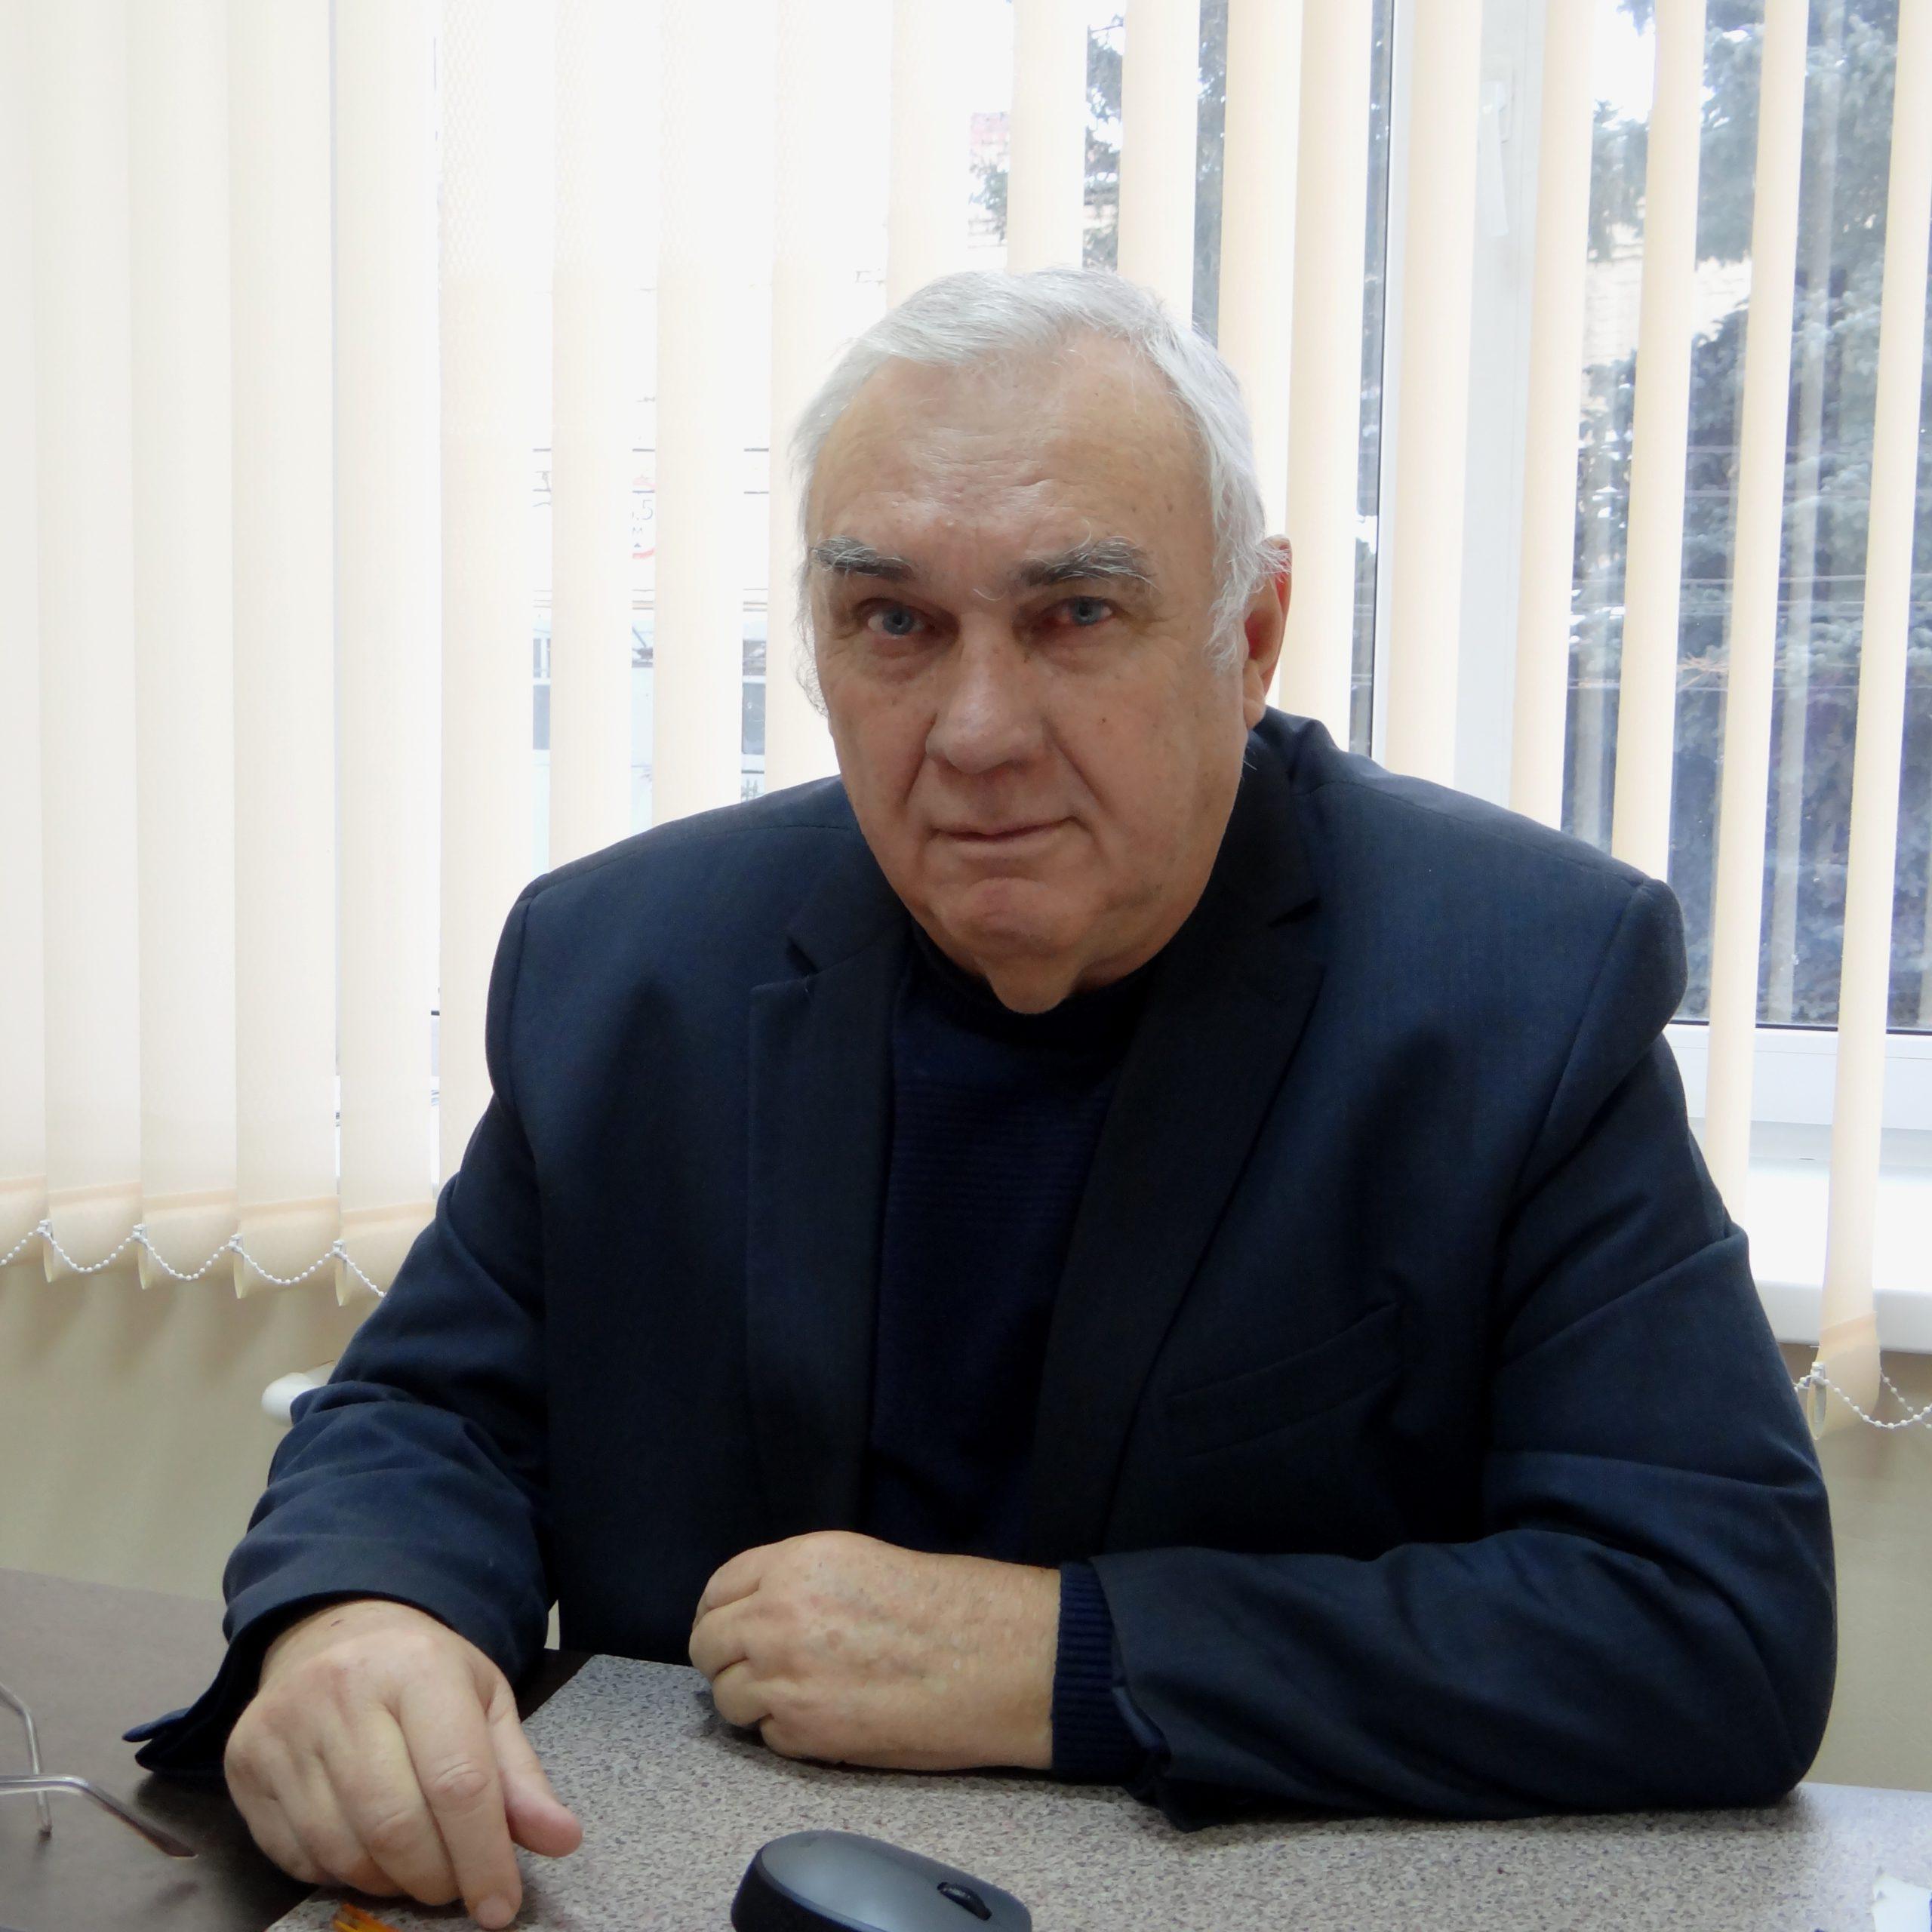 Read more about the article Поздравляем С Юбилеем заместителя директора по энергетике Шикалова Геннадия Владимировича